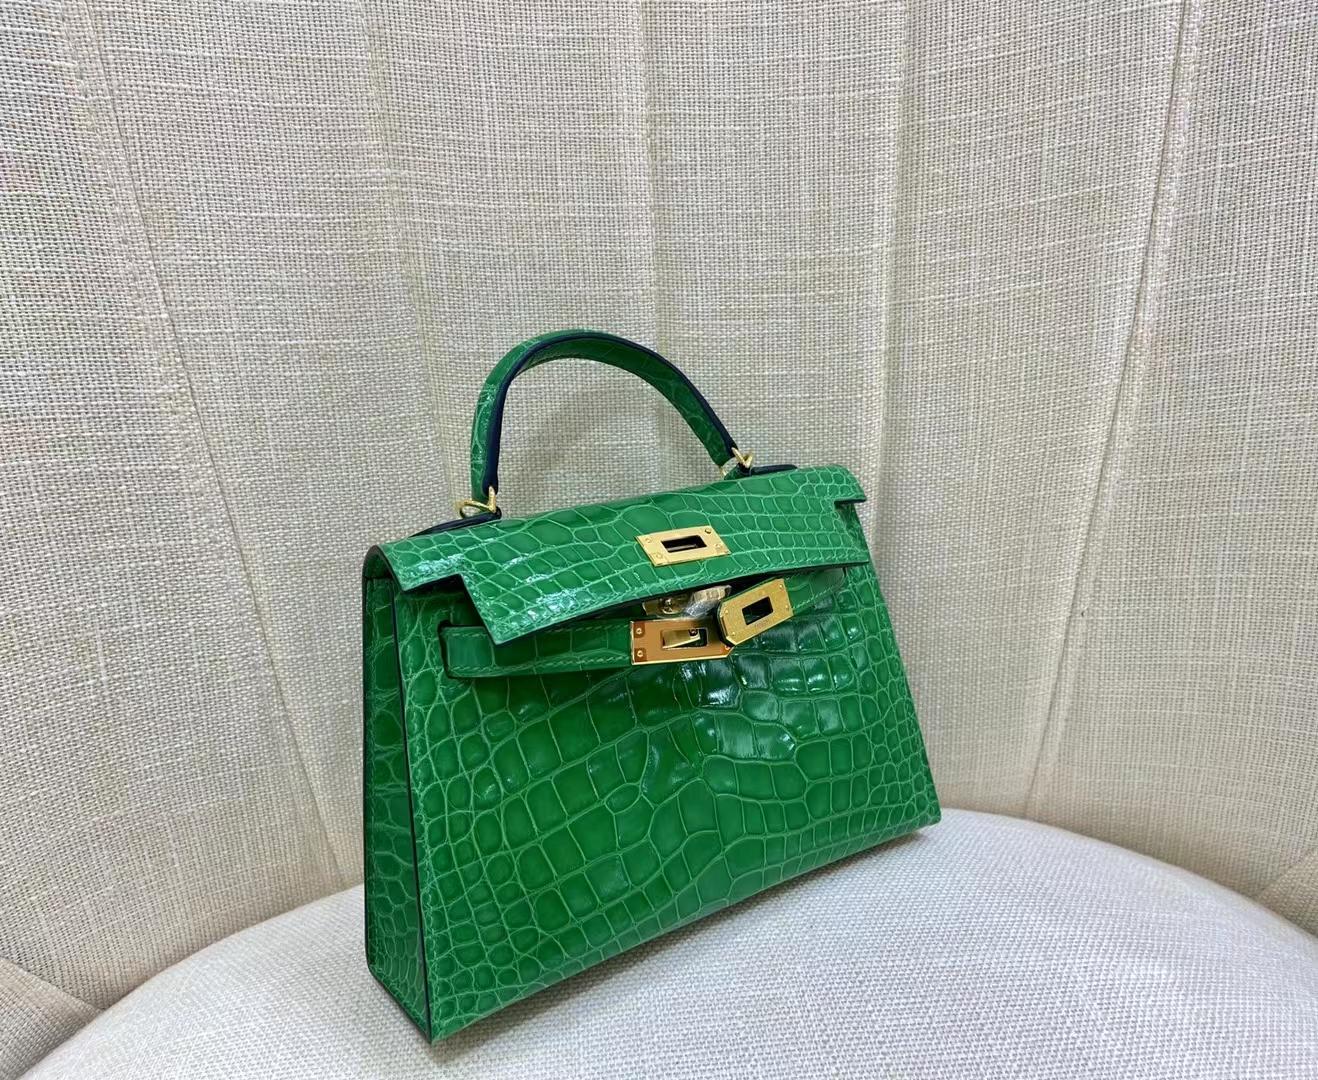 Hermès(爱马仕)miniKelly 迷你凯莉 亮面美洲鳄 6R 仙人掌绿 二代 金扣 顶级纯手工 现货